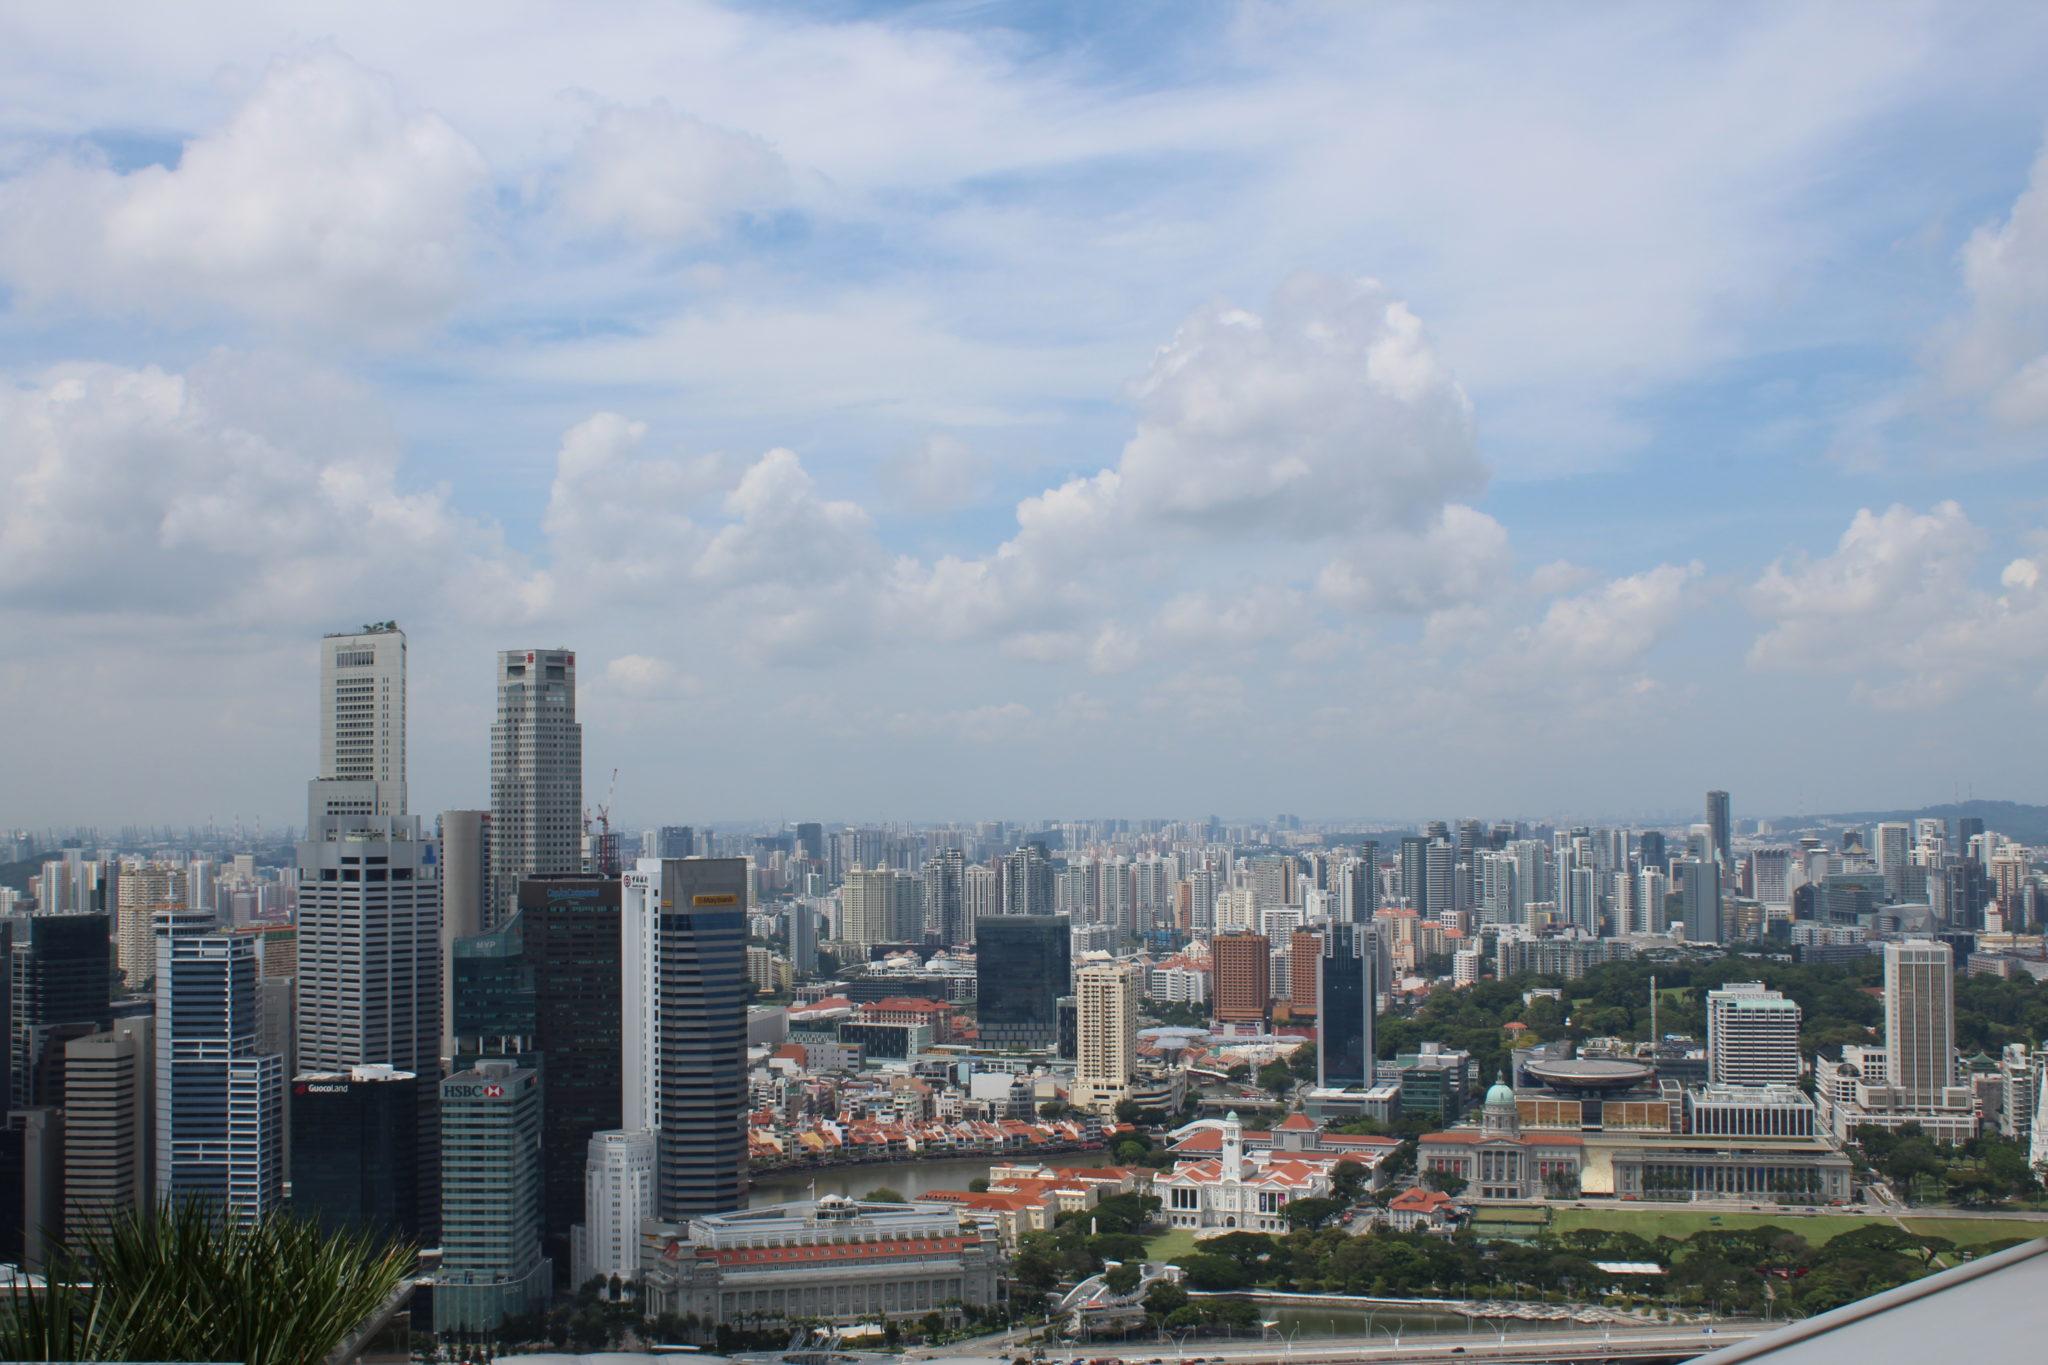 Singapur Sehenswürdigkeiten Top 20 in 2020 ⋆ Reisefein